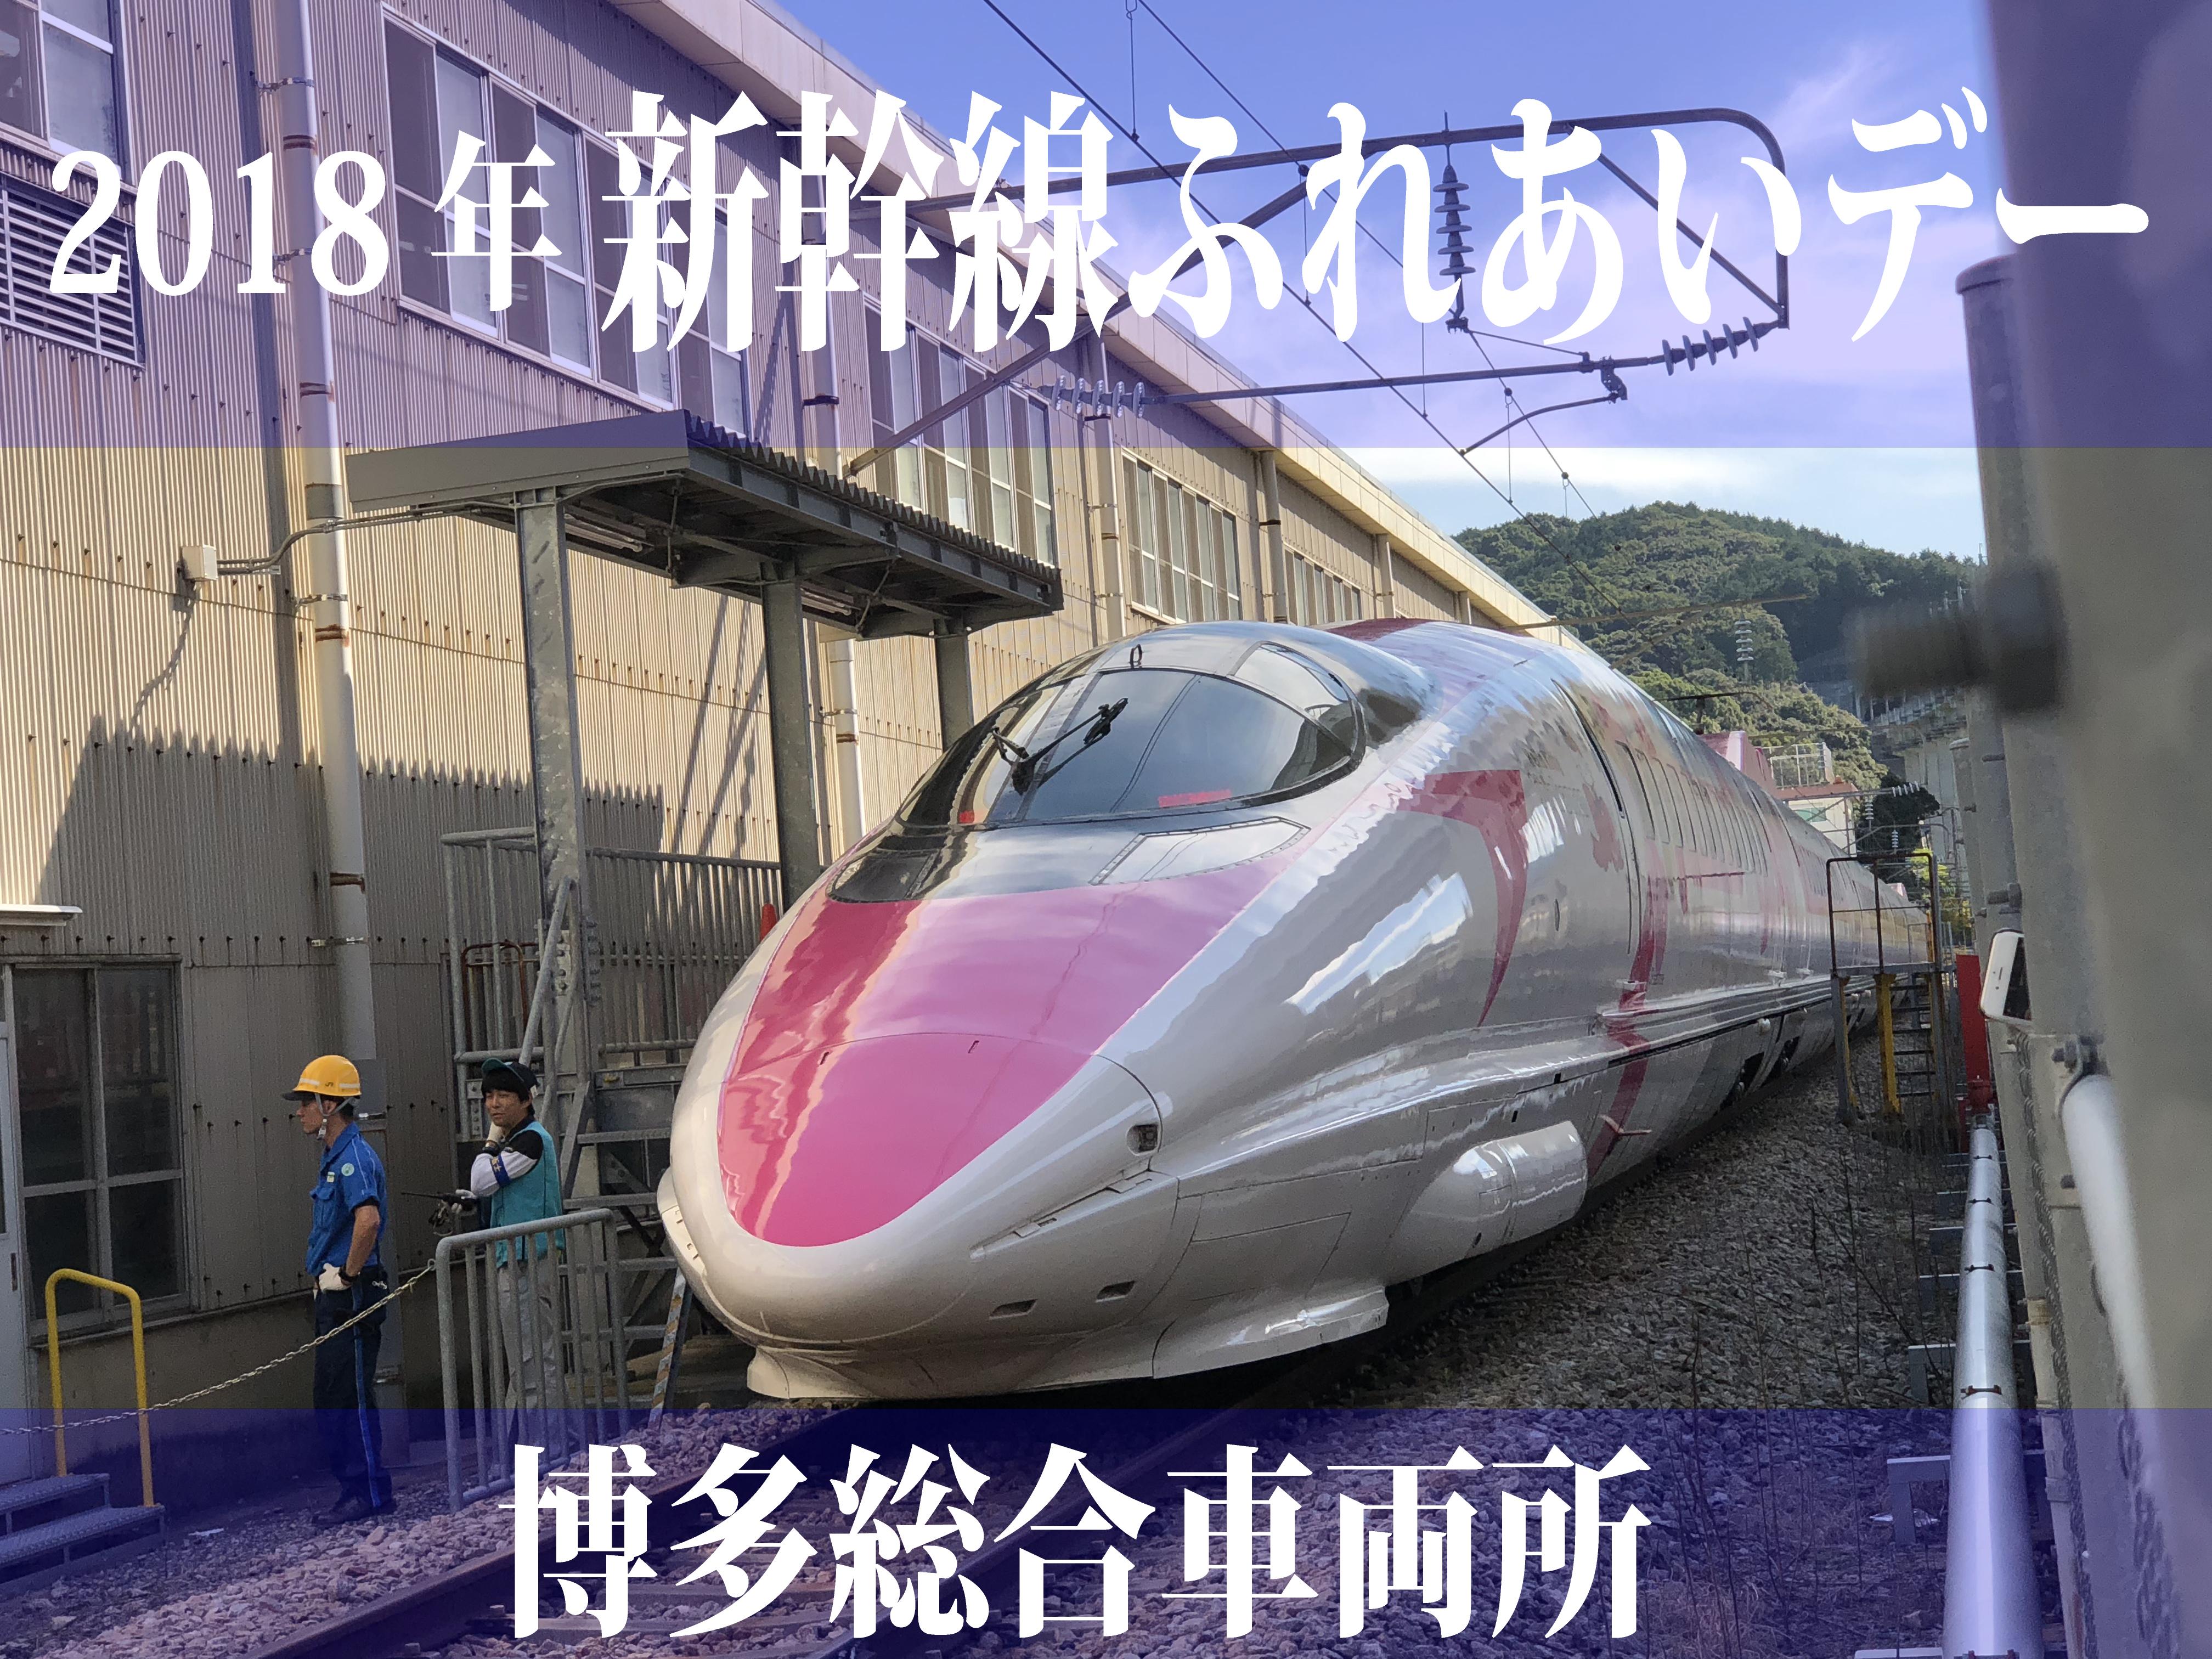 【2018年新幹線ふれあいデー】新幹線博多総合車両所のイベントに行ってきた🚄